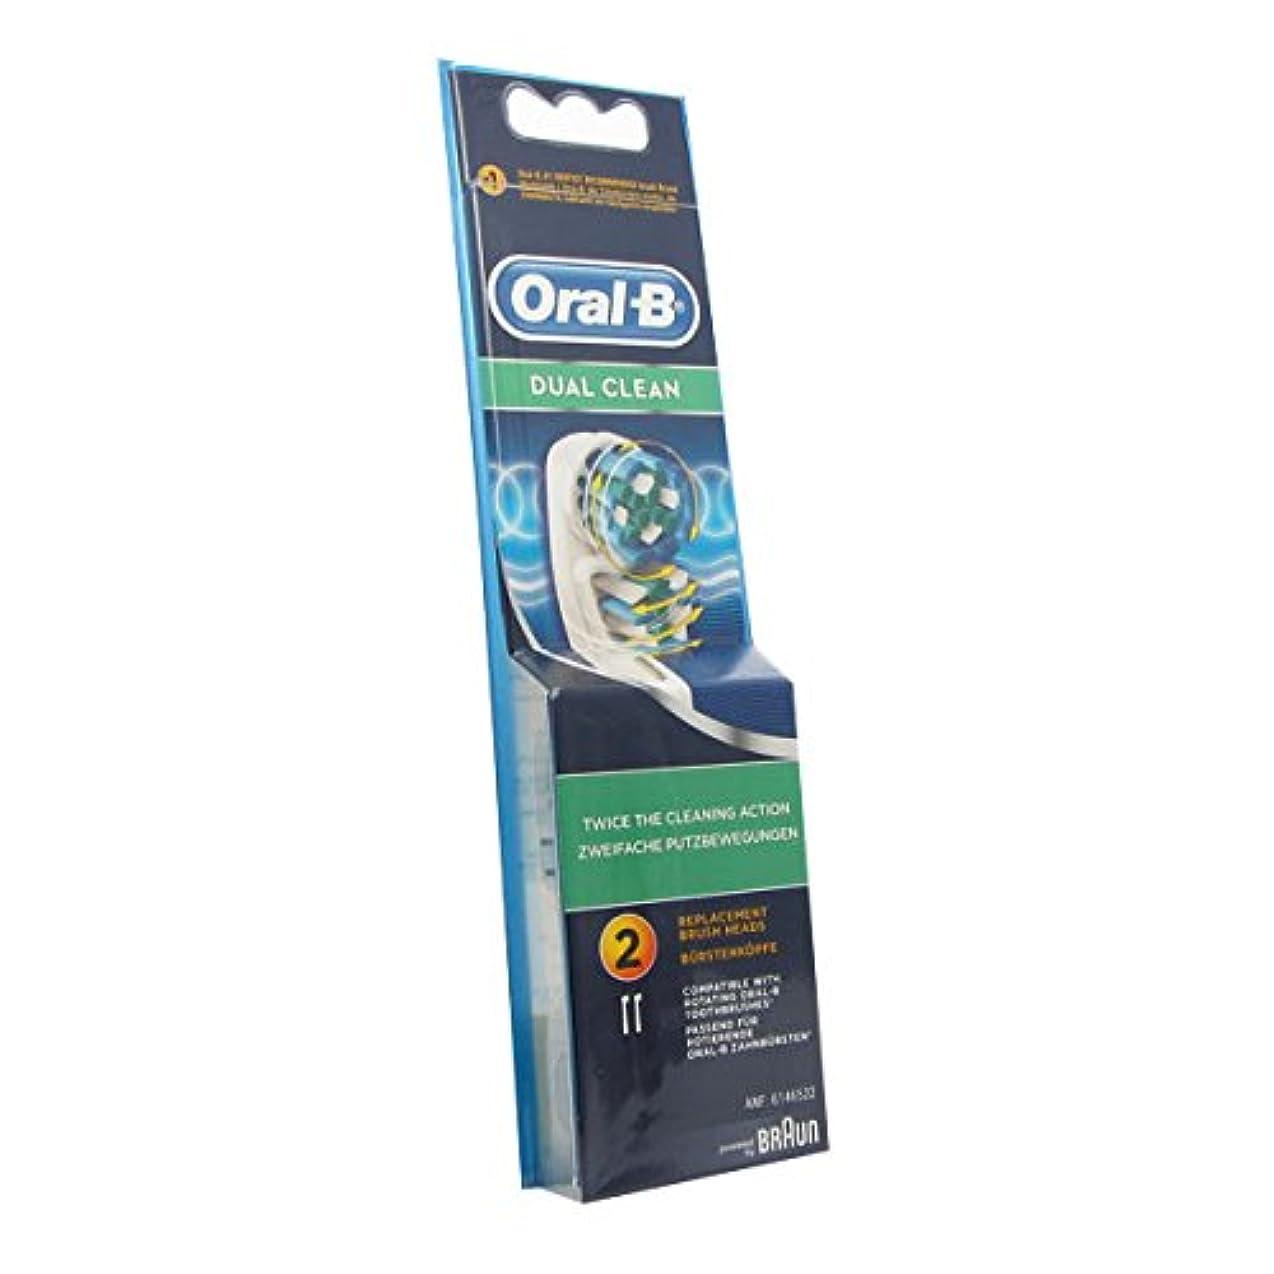 Oral B Dual Clean Replacement Brush X2 [並行輸入品]